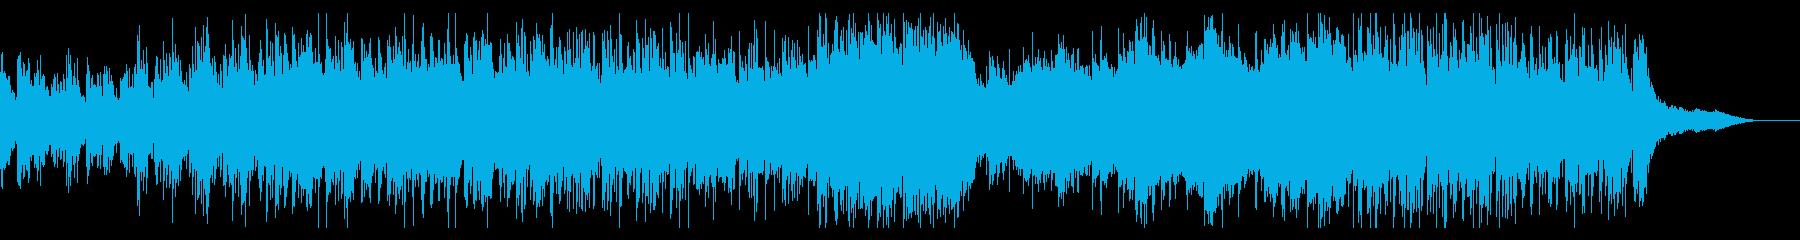 古代空中都市をイメージした曲(リメイク)の再生済みの波形